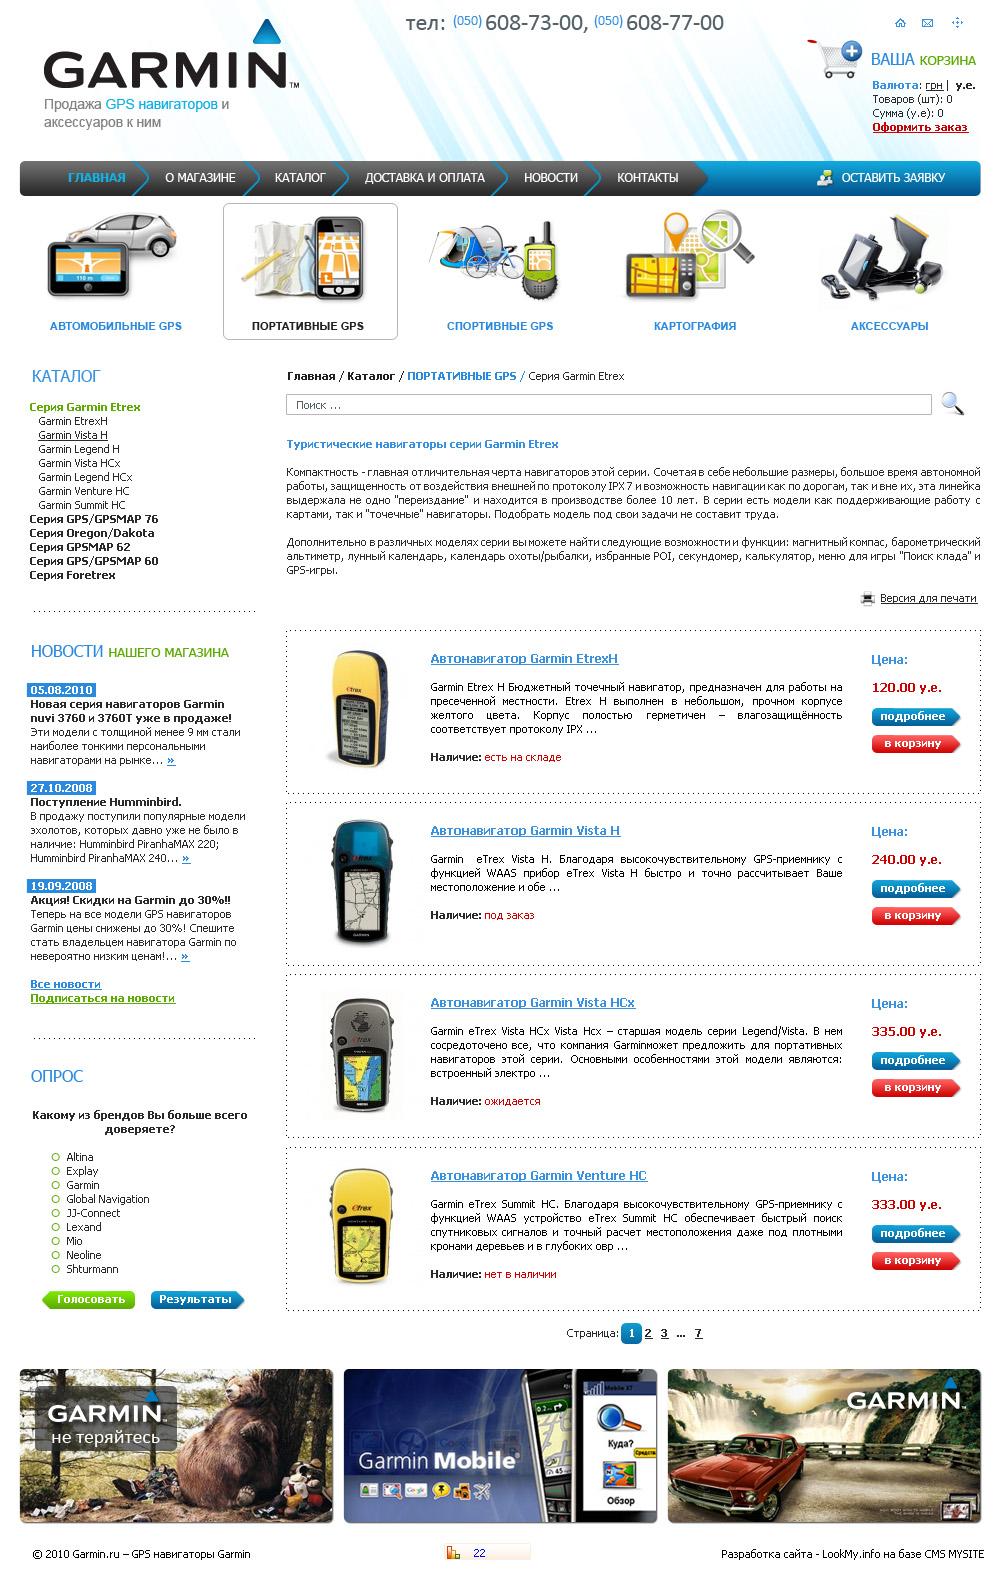 Создание и разработка сайта Донецк - Интернет-магазин Garmin, эхолоты, GPS навигаторы